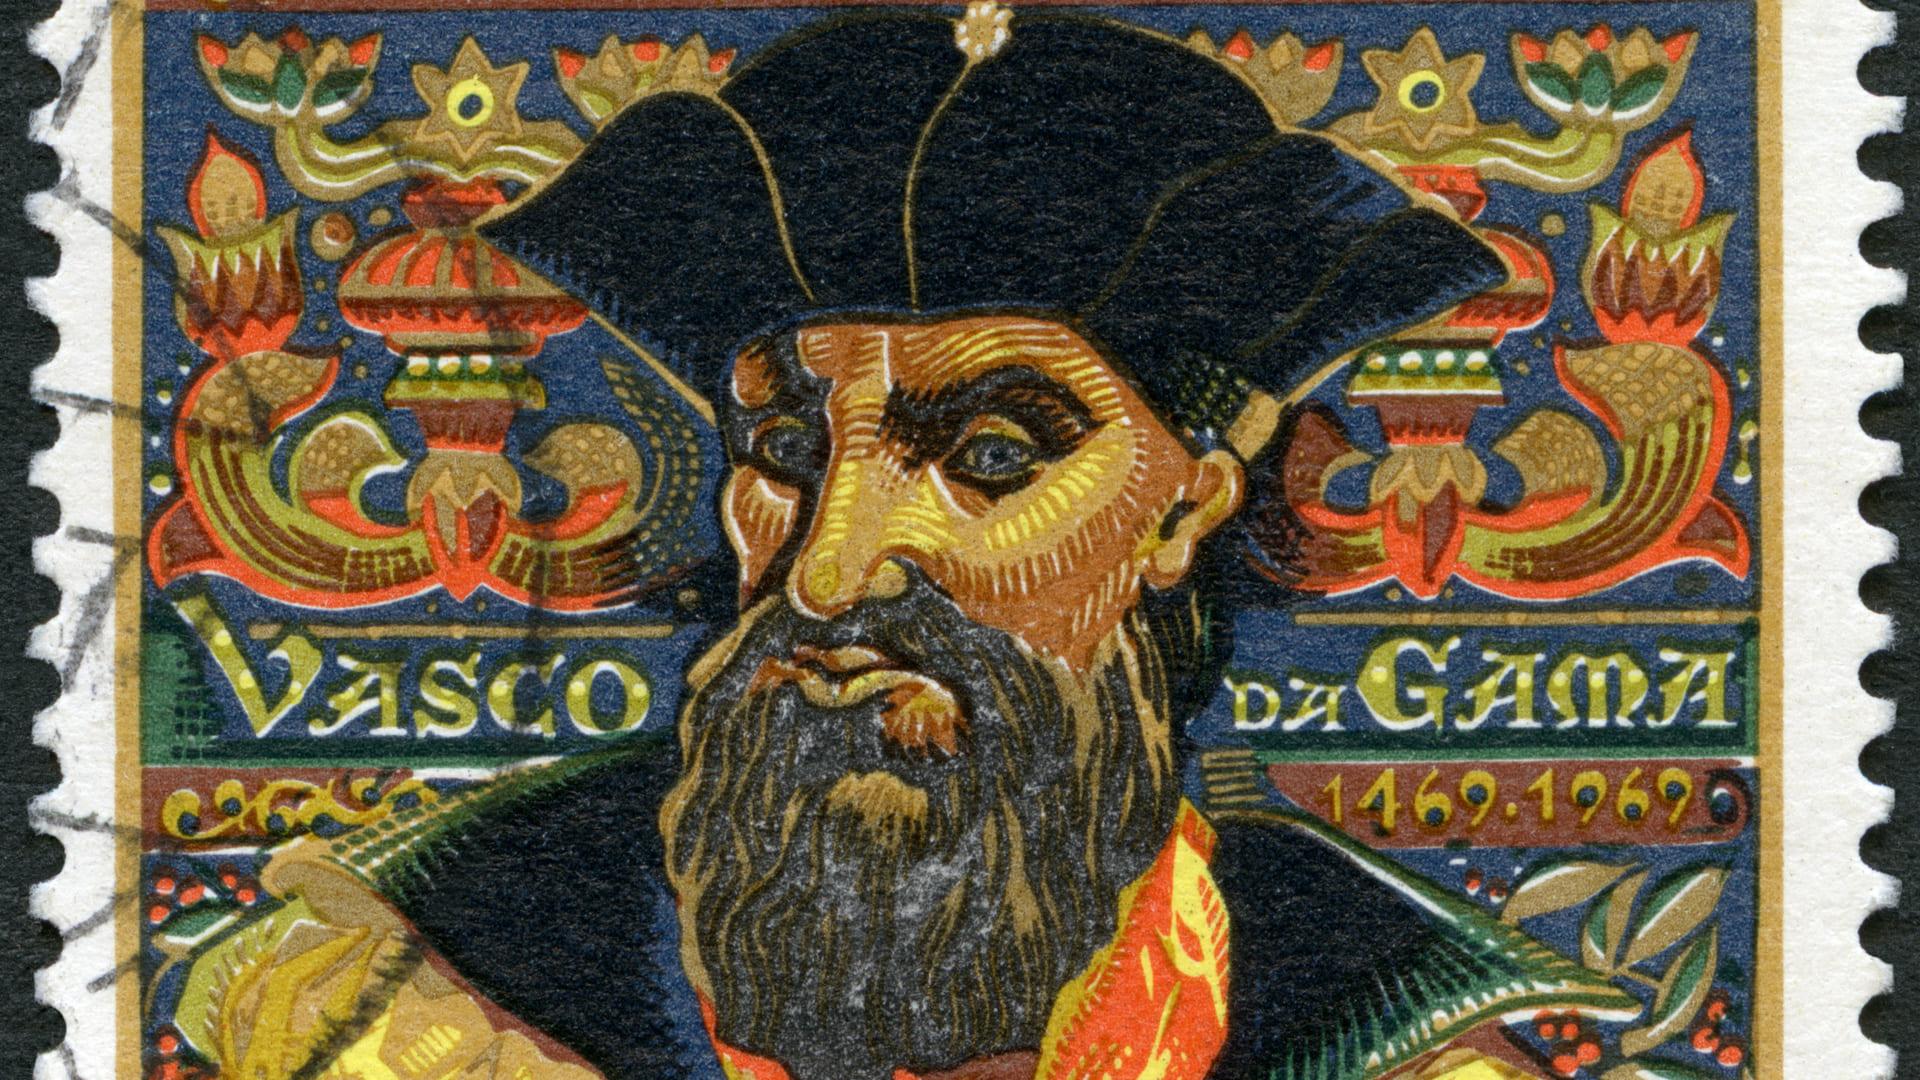 Wohin reiste eigentlich Vasco da Gama